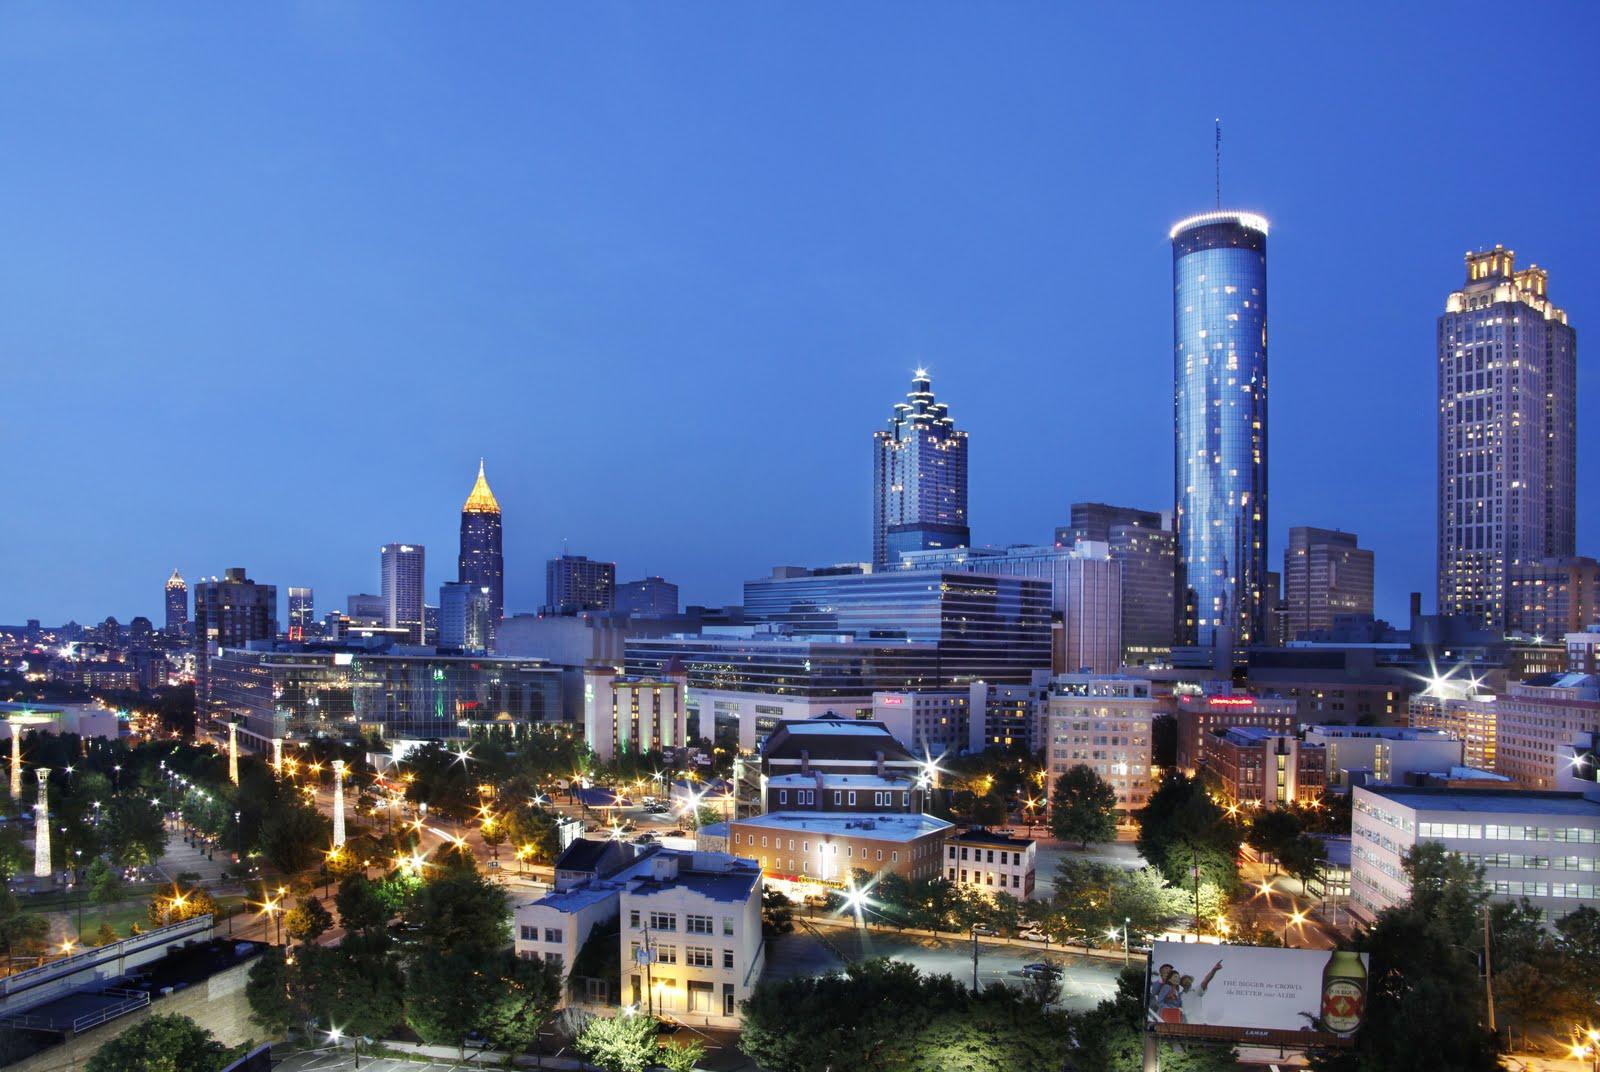 Wallpaper Stores in Atlanta GA - WallpaperSafari